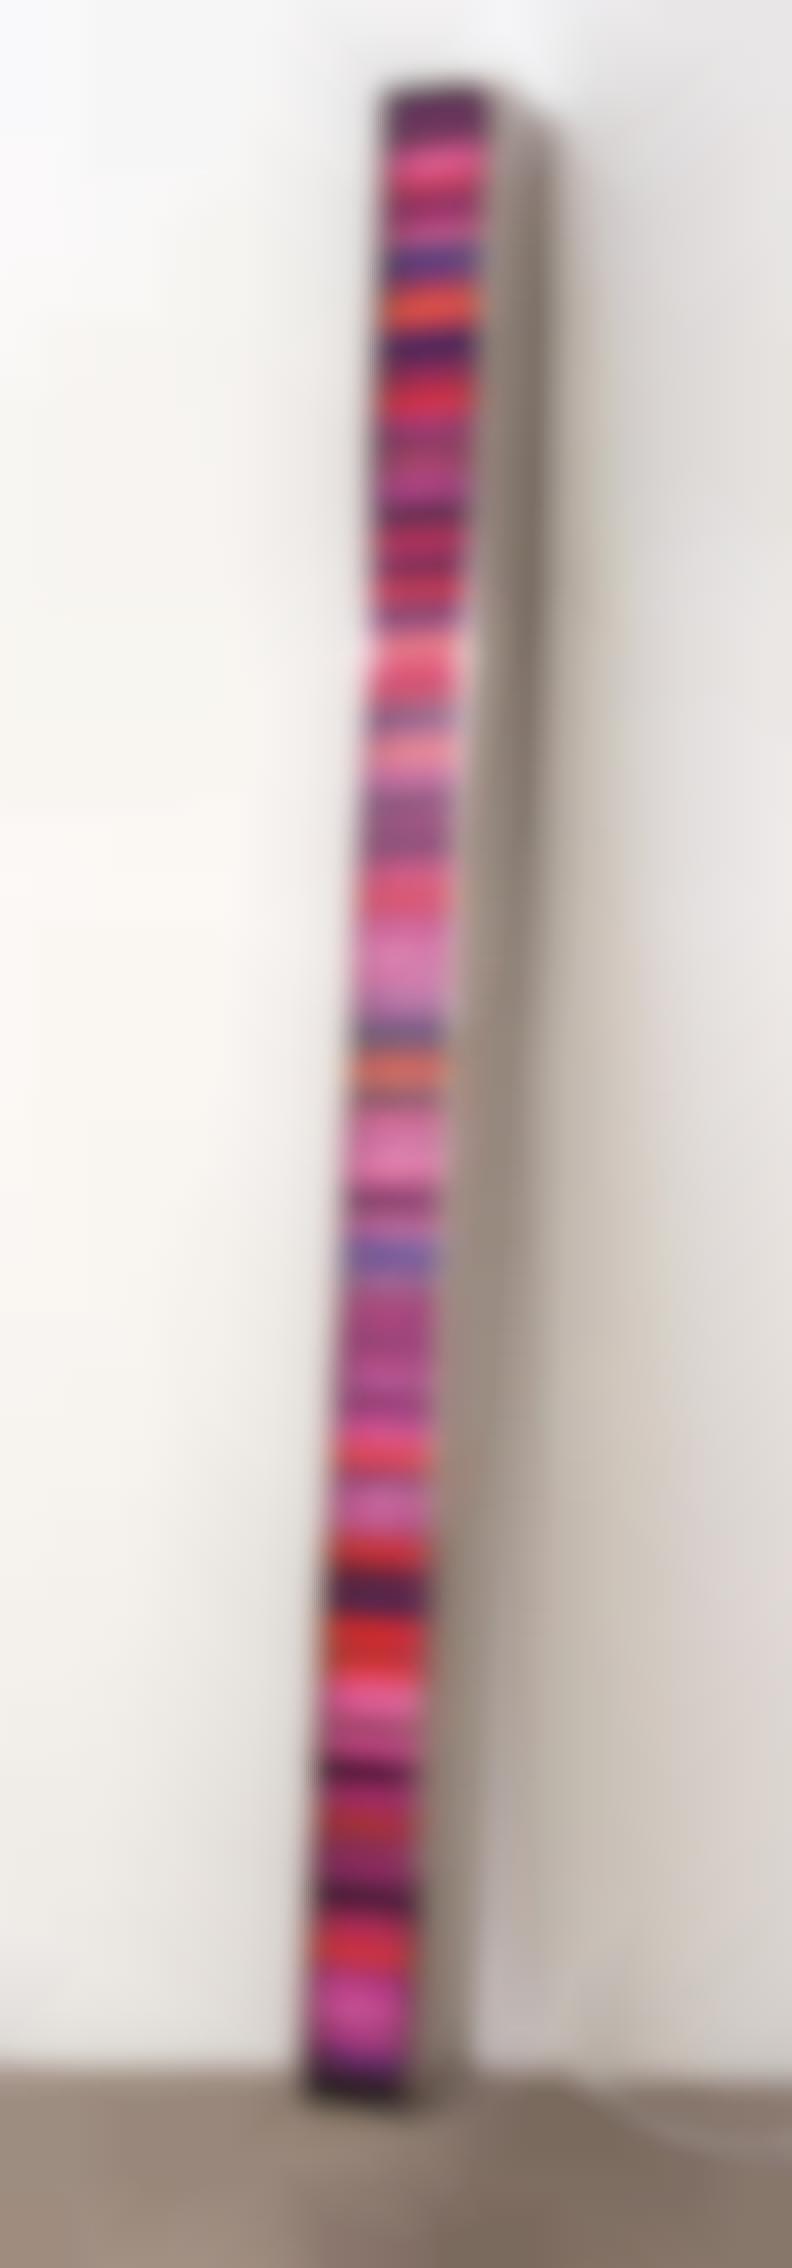 Hans Kotter-Colour Code: Bunt-2009